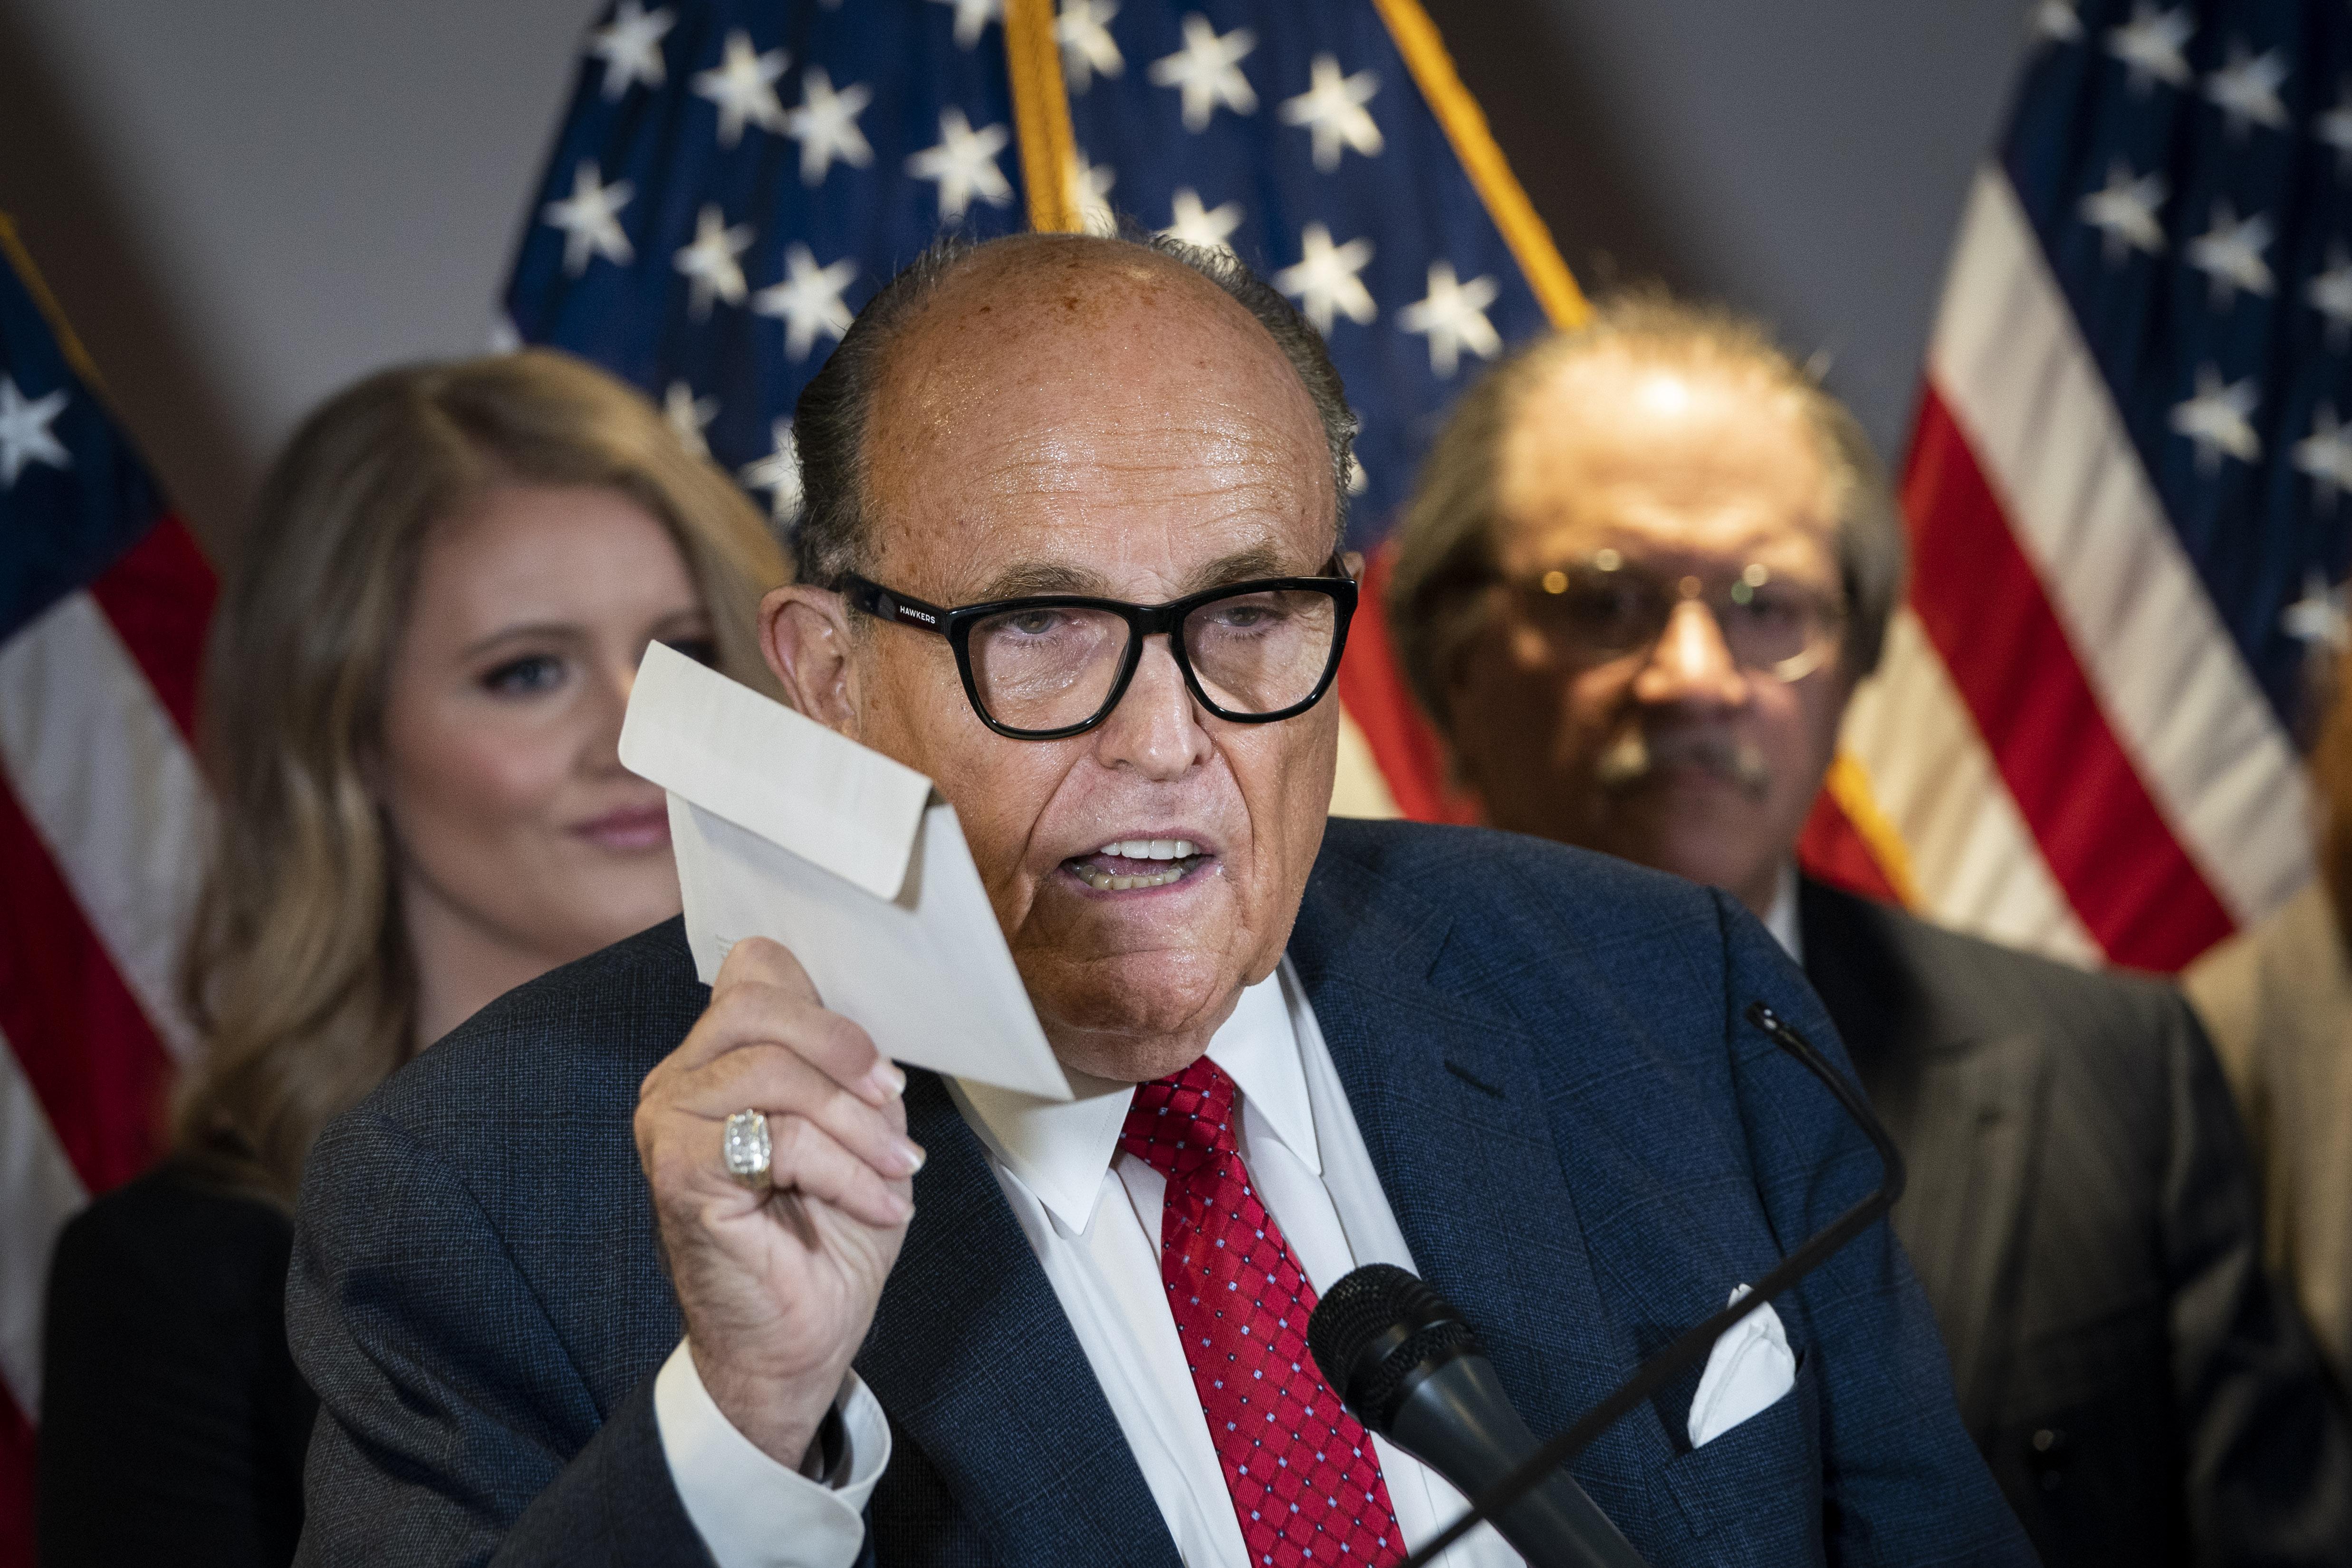 1,3 milliárd dolláros kártérítésre perli Rudy Giulianit a választási rendszert fejlesztő cég